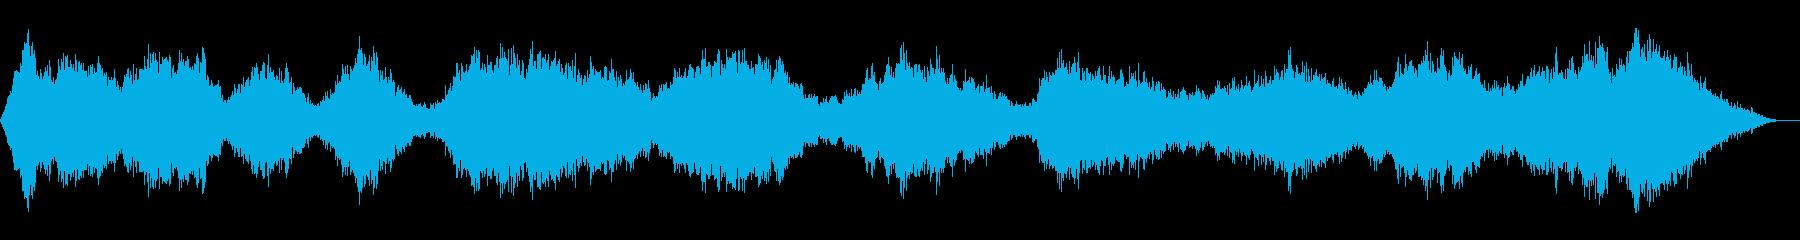 スパの店内BGMなどに使えるアンビエントの再生済みの波形